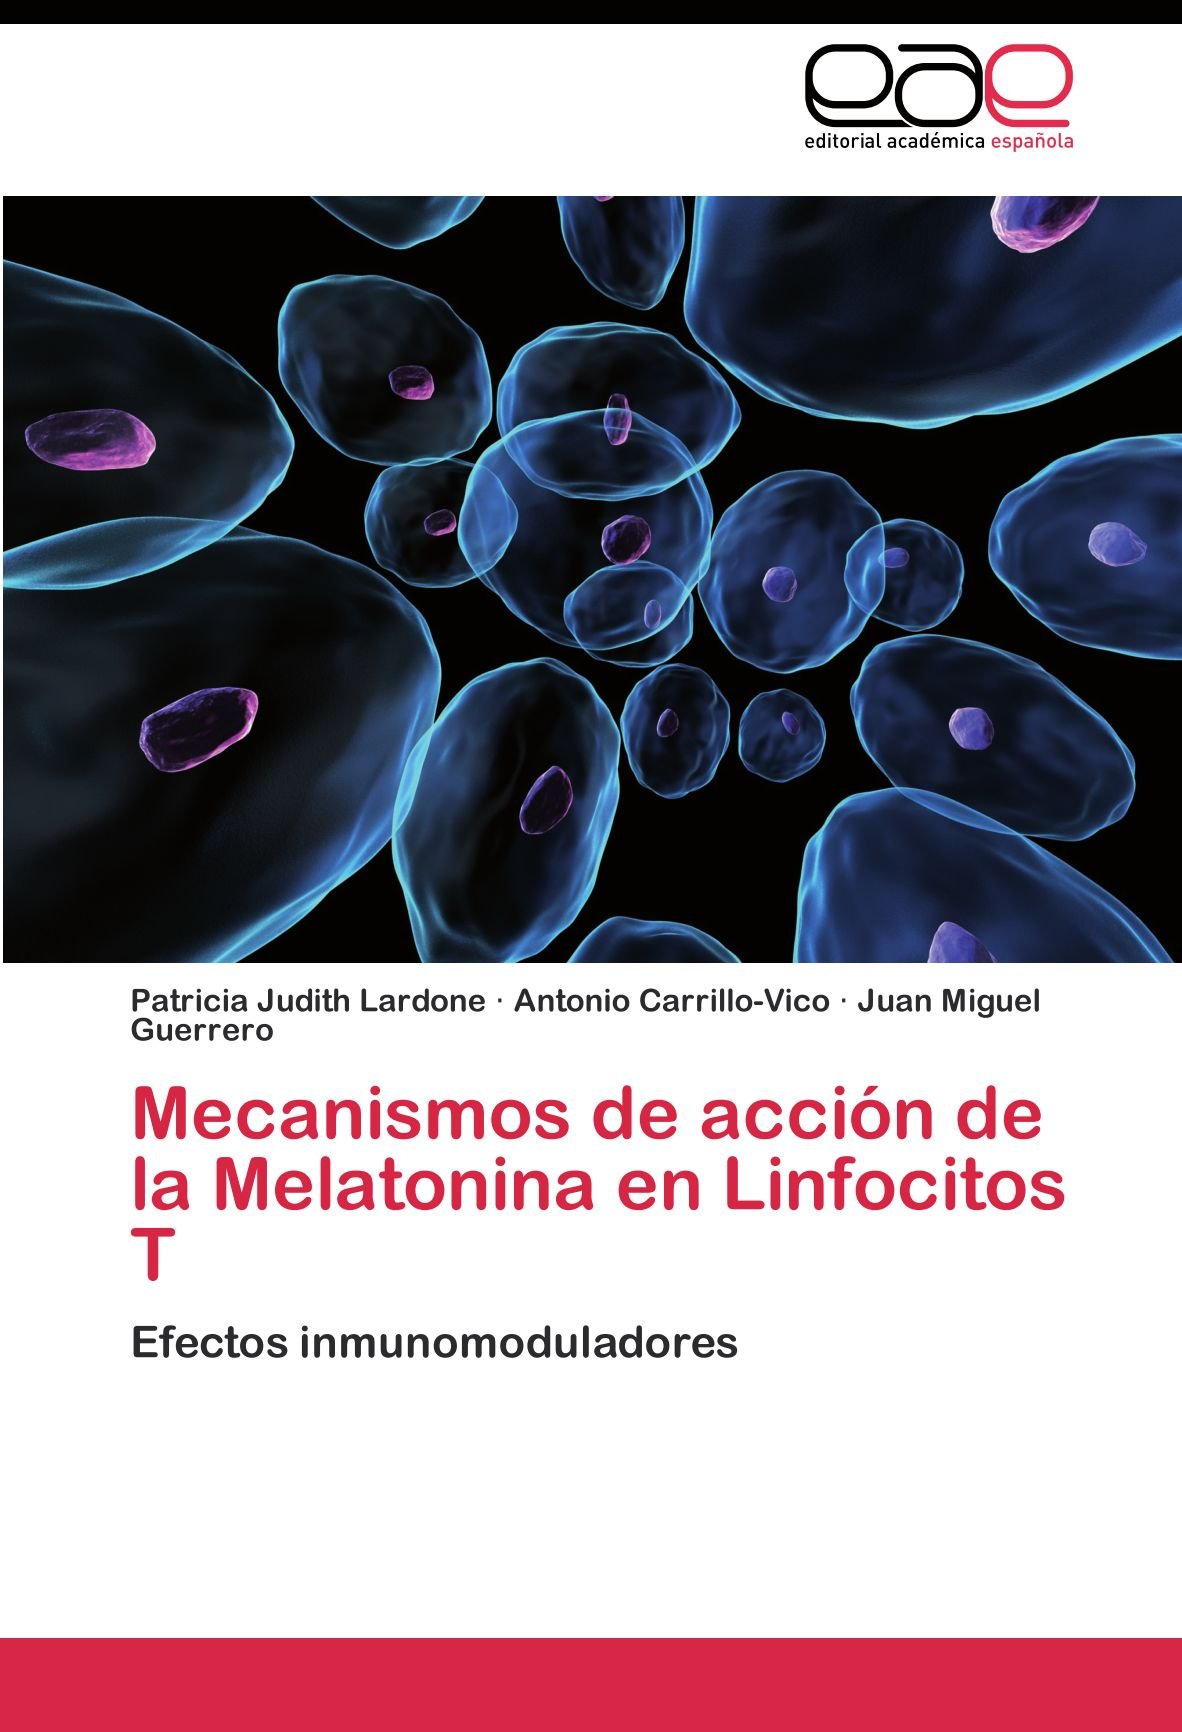 Mecanismos de acción de la Melatonina en Linfocitos T: Efectos inmunomoduladores (Spanish Edition): Patricia Judith Lardone, Antonio Carrillo-Vico, ...